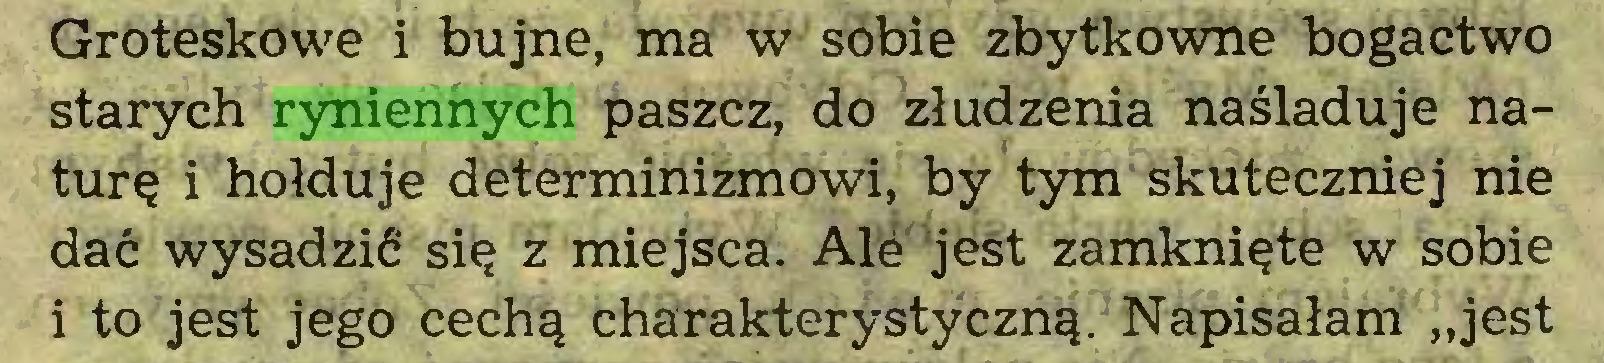 """(...) Groteskowe i bujne, ma w sobie zbytkowne bogactwo starych ryniennych paszcz, do złudzenia naśladuje naturę i hołduje determinizmowi, by tym skuteczniej nie dać wysadzić się z miejsca. Alé jest zamknięte w sobie 1 to jest jego cechą charakterystyczną. Napisałam """"jest..."""